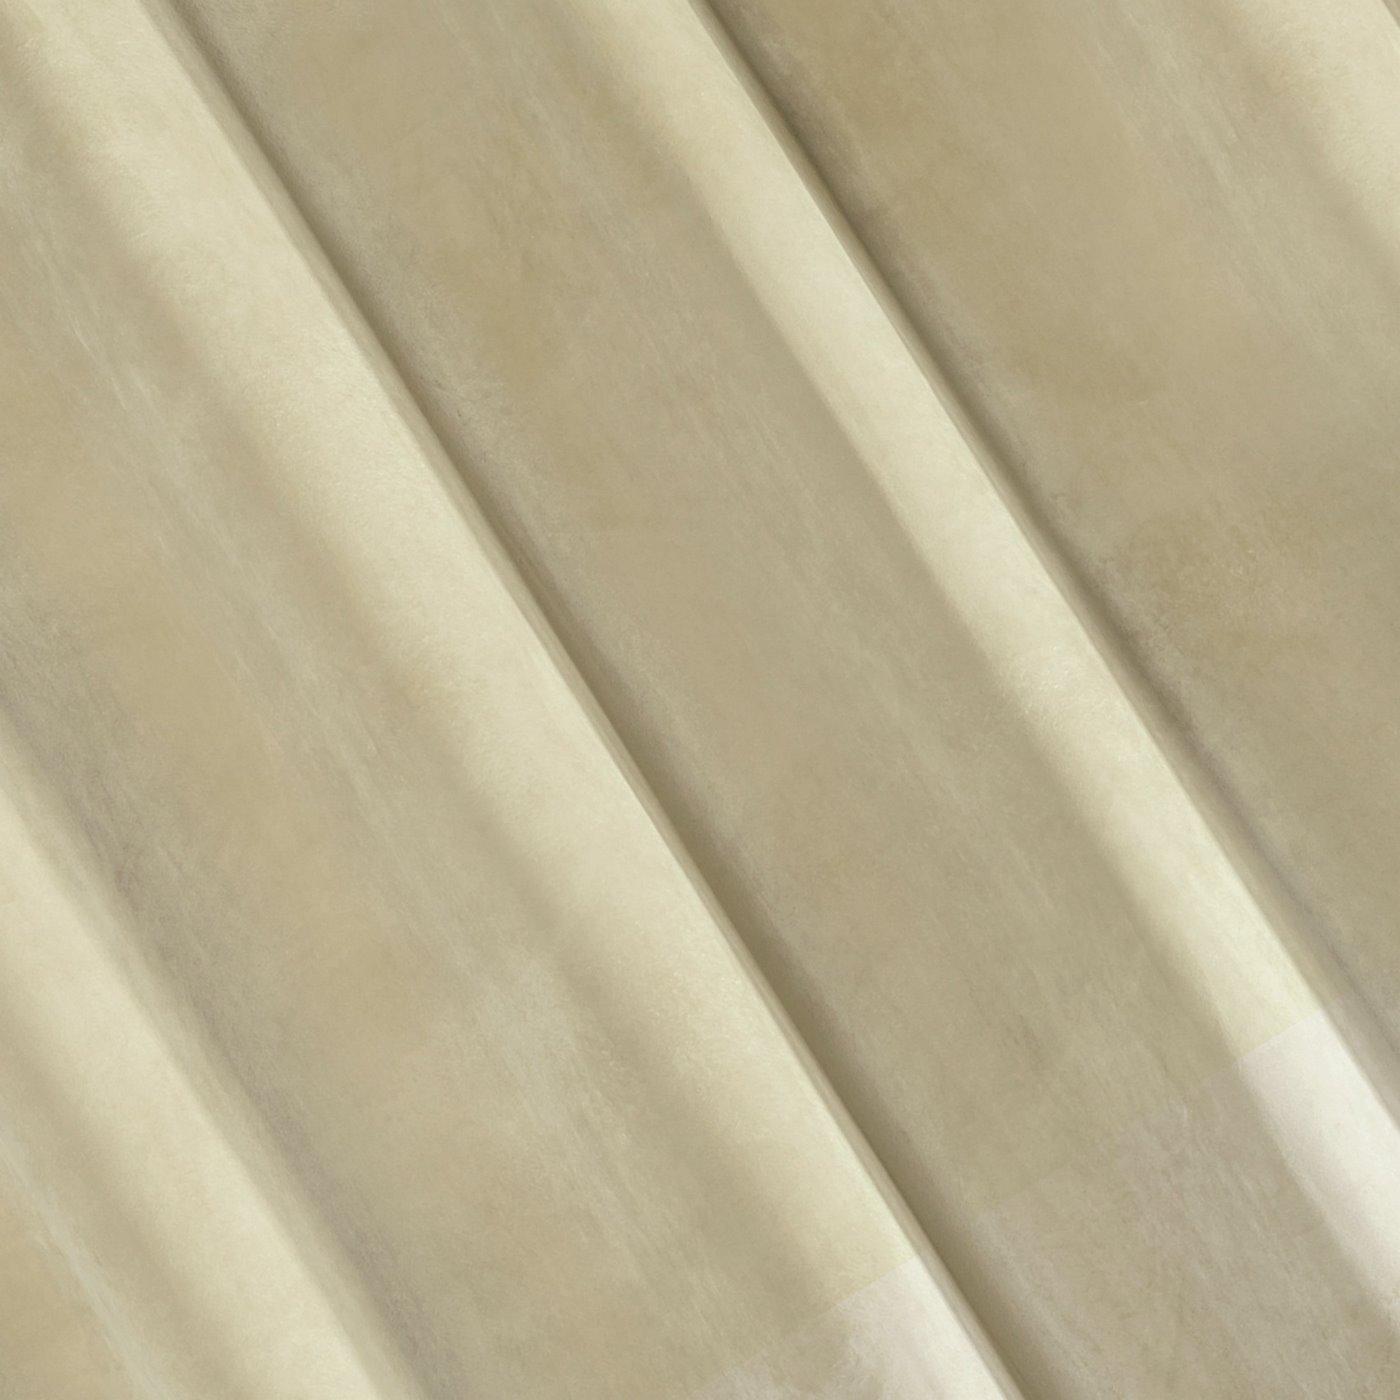 Zasłona z dwóch rodzajów tkaniny welwetowej 140 x 270 cm beżowa na taśmie